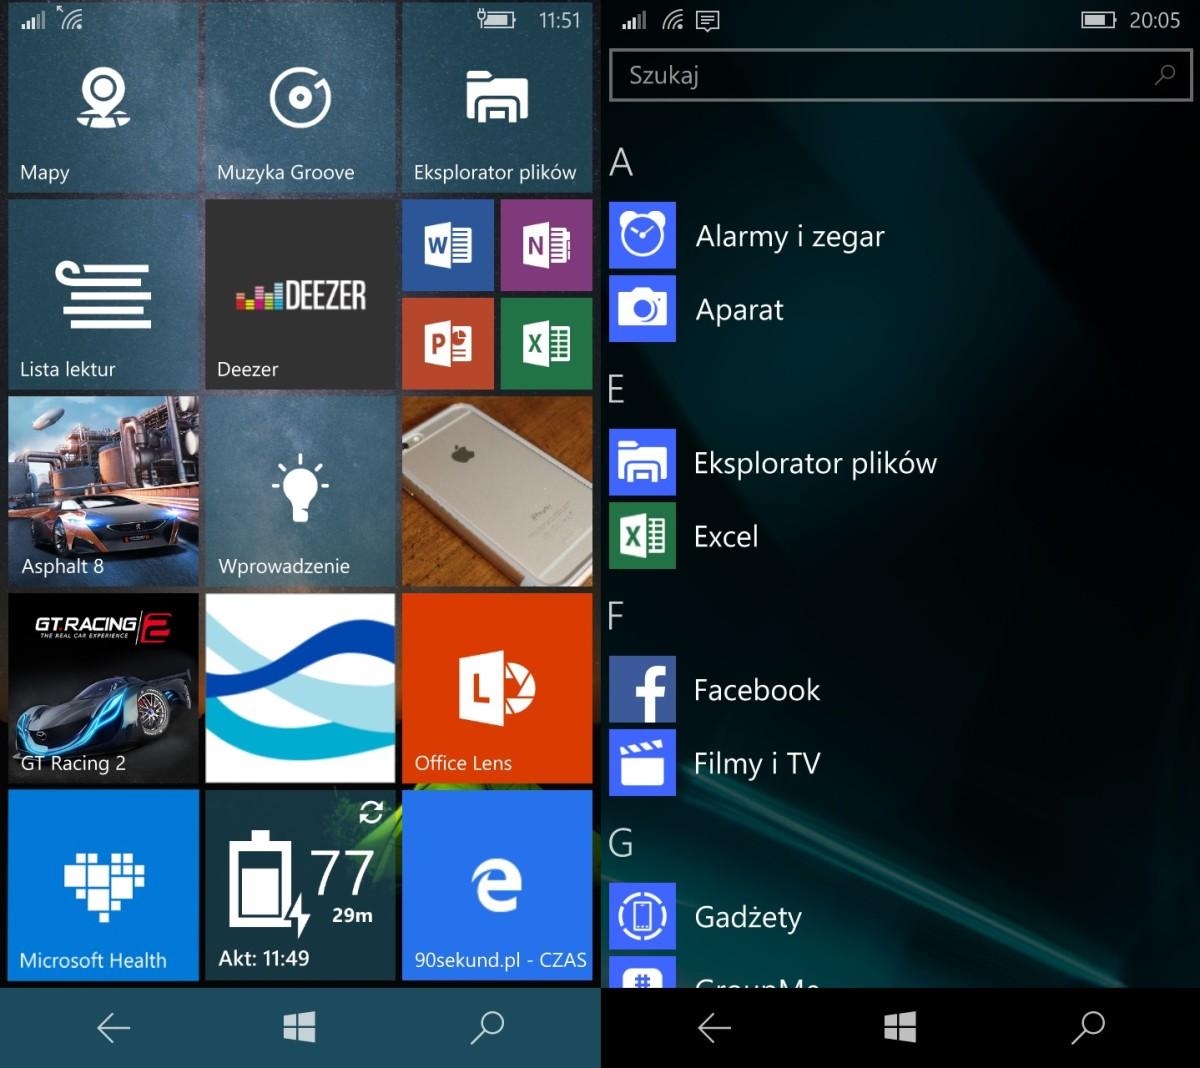 Wygląd ekranu głównego w Windows 10 Mobile oraz wysuwanego z prawej krawędzi ekranu menu z aplikacjami - recenzja Lumii 650 - 90sekund.pl